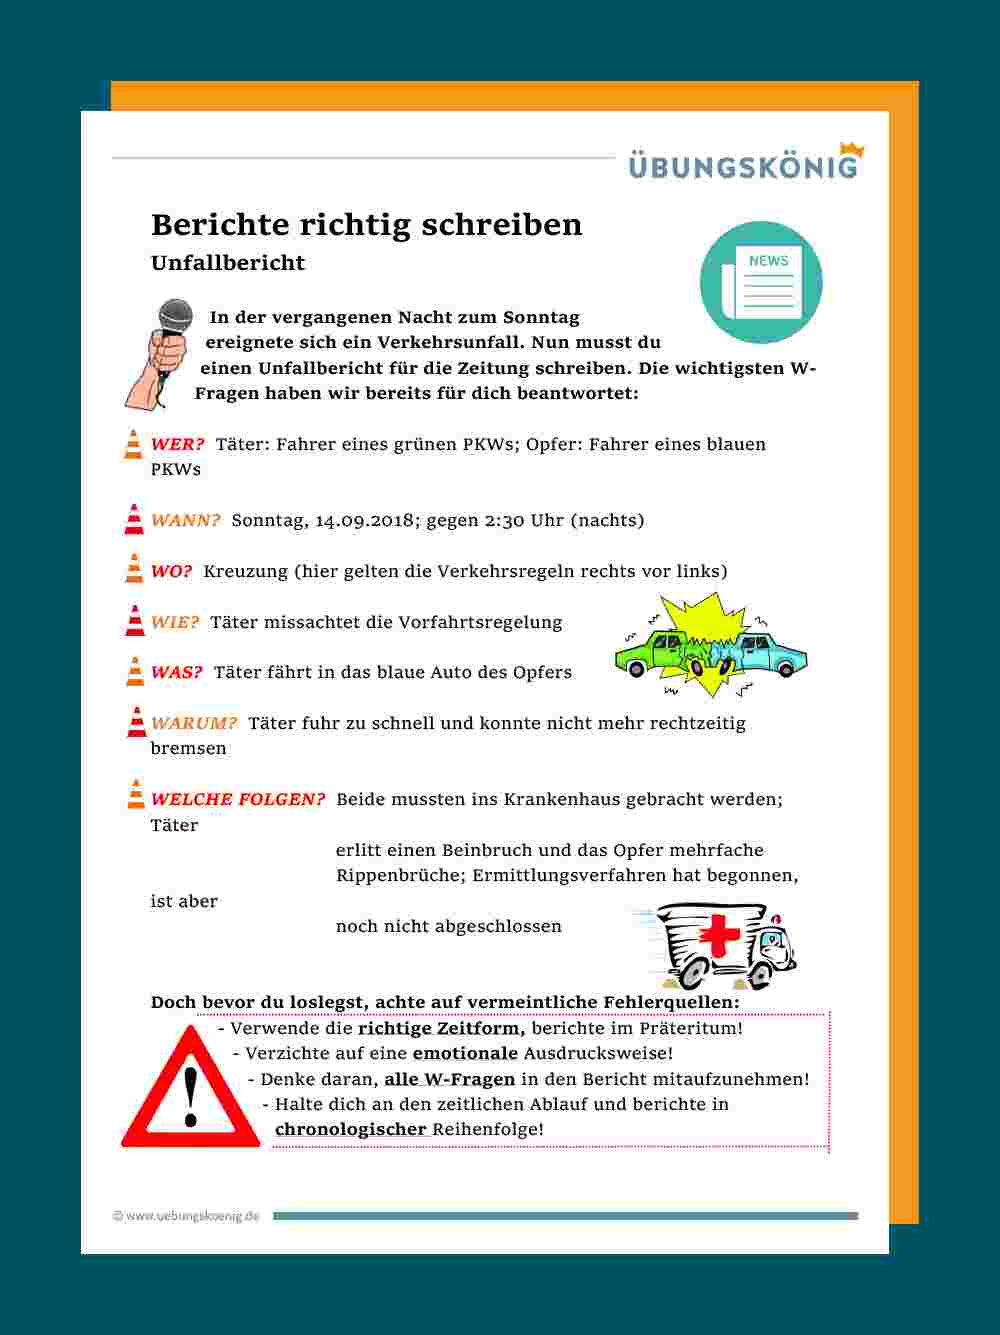 Europaischer Unfallbericht Plus Versicherungsmeldung 14